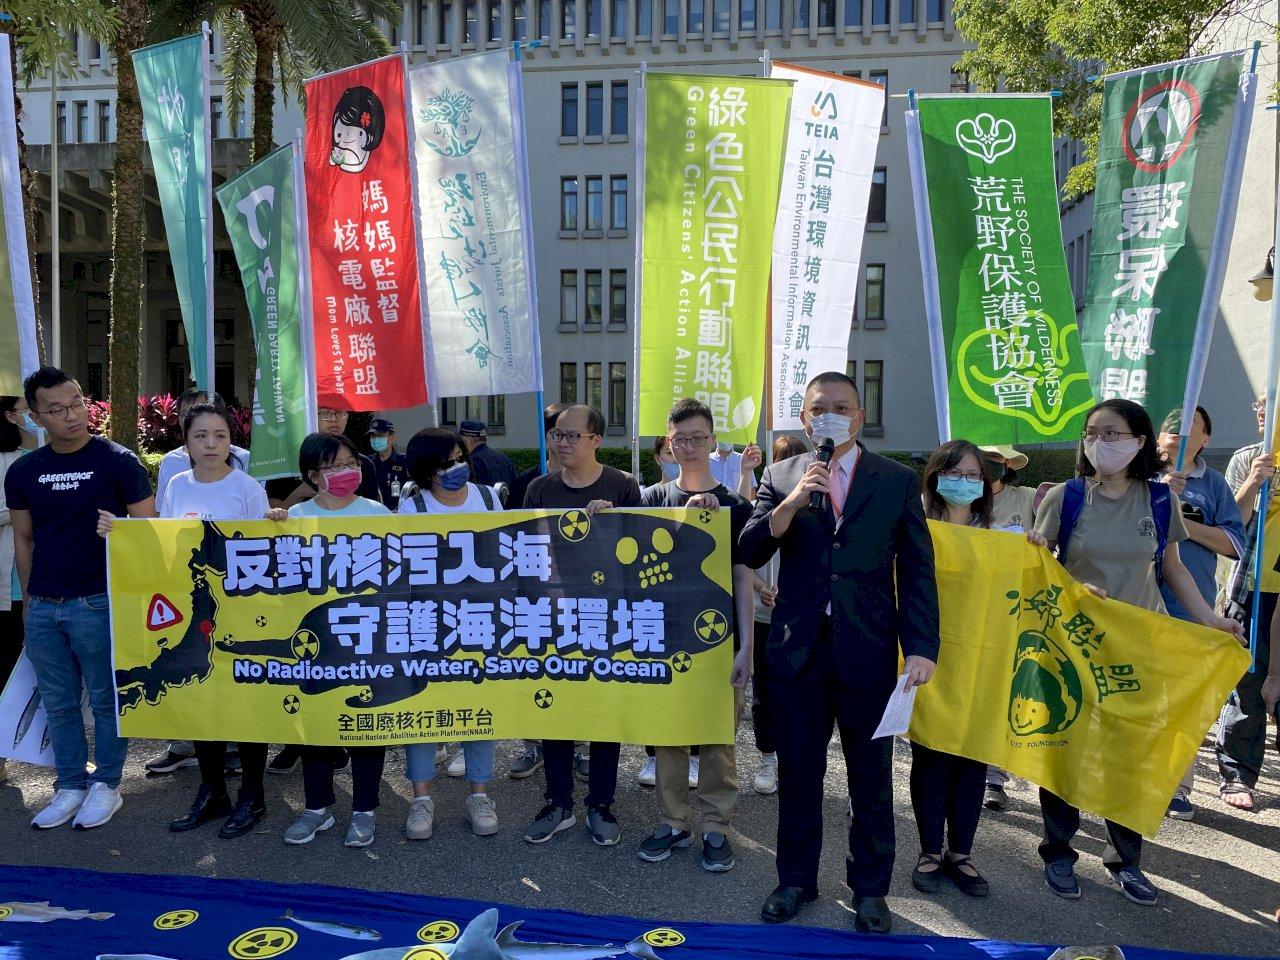 反對福島核汙入海 環保團體籲日本:勿以鄰為壑